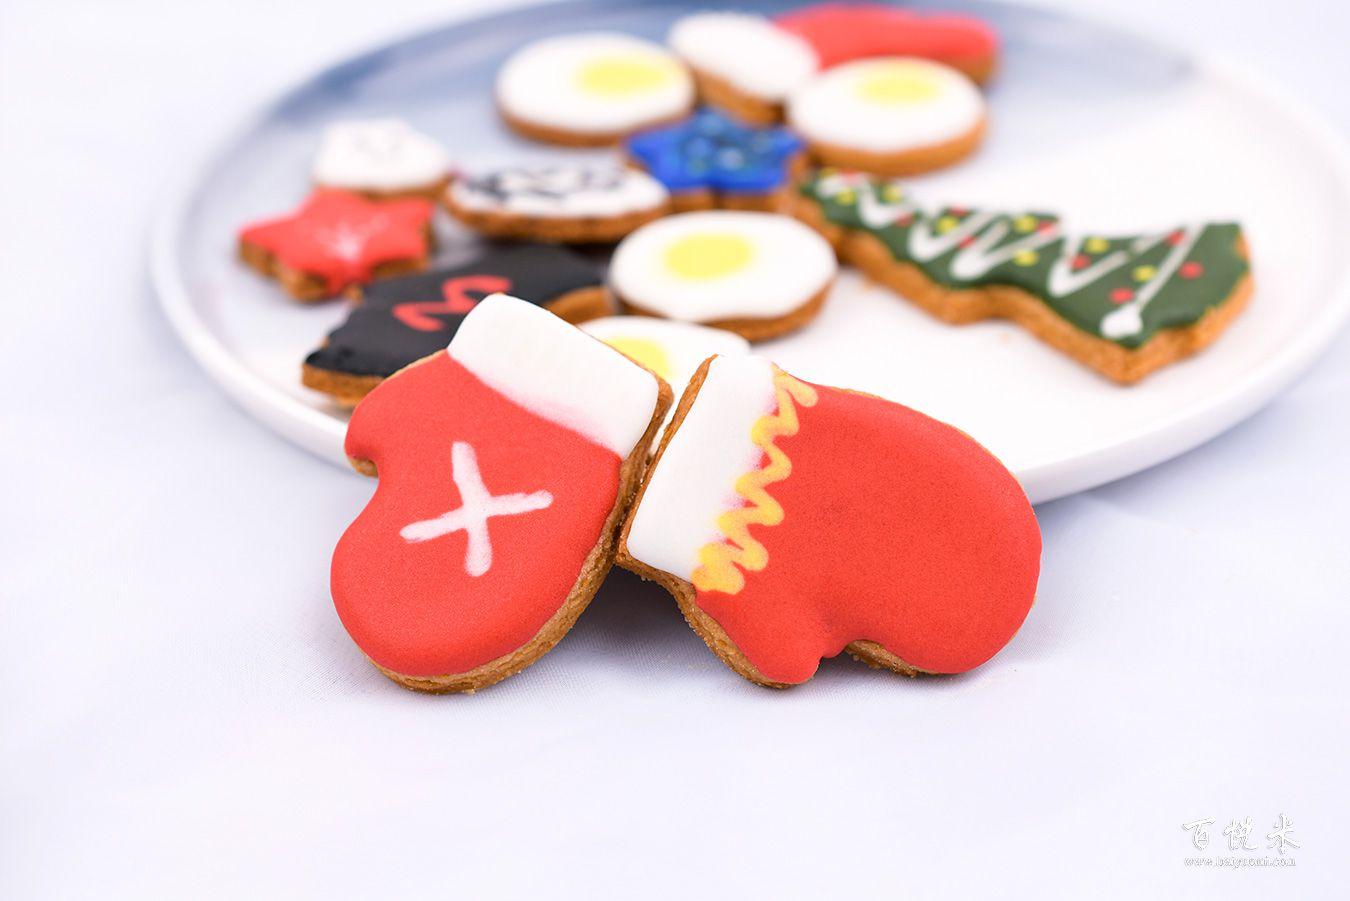 手绘卡通糖霜饼干高清图片大全【蛋糕图片】_933